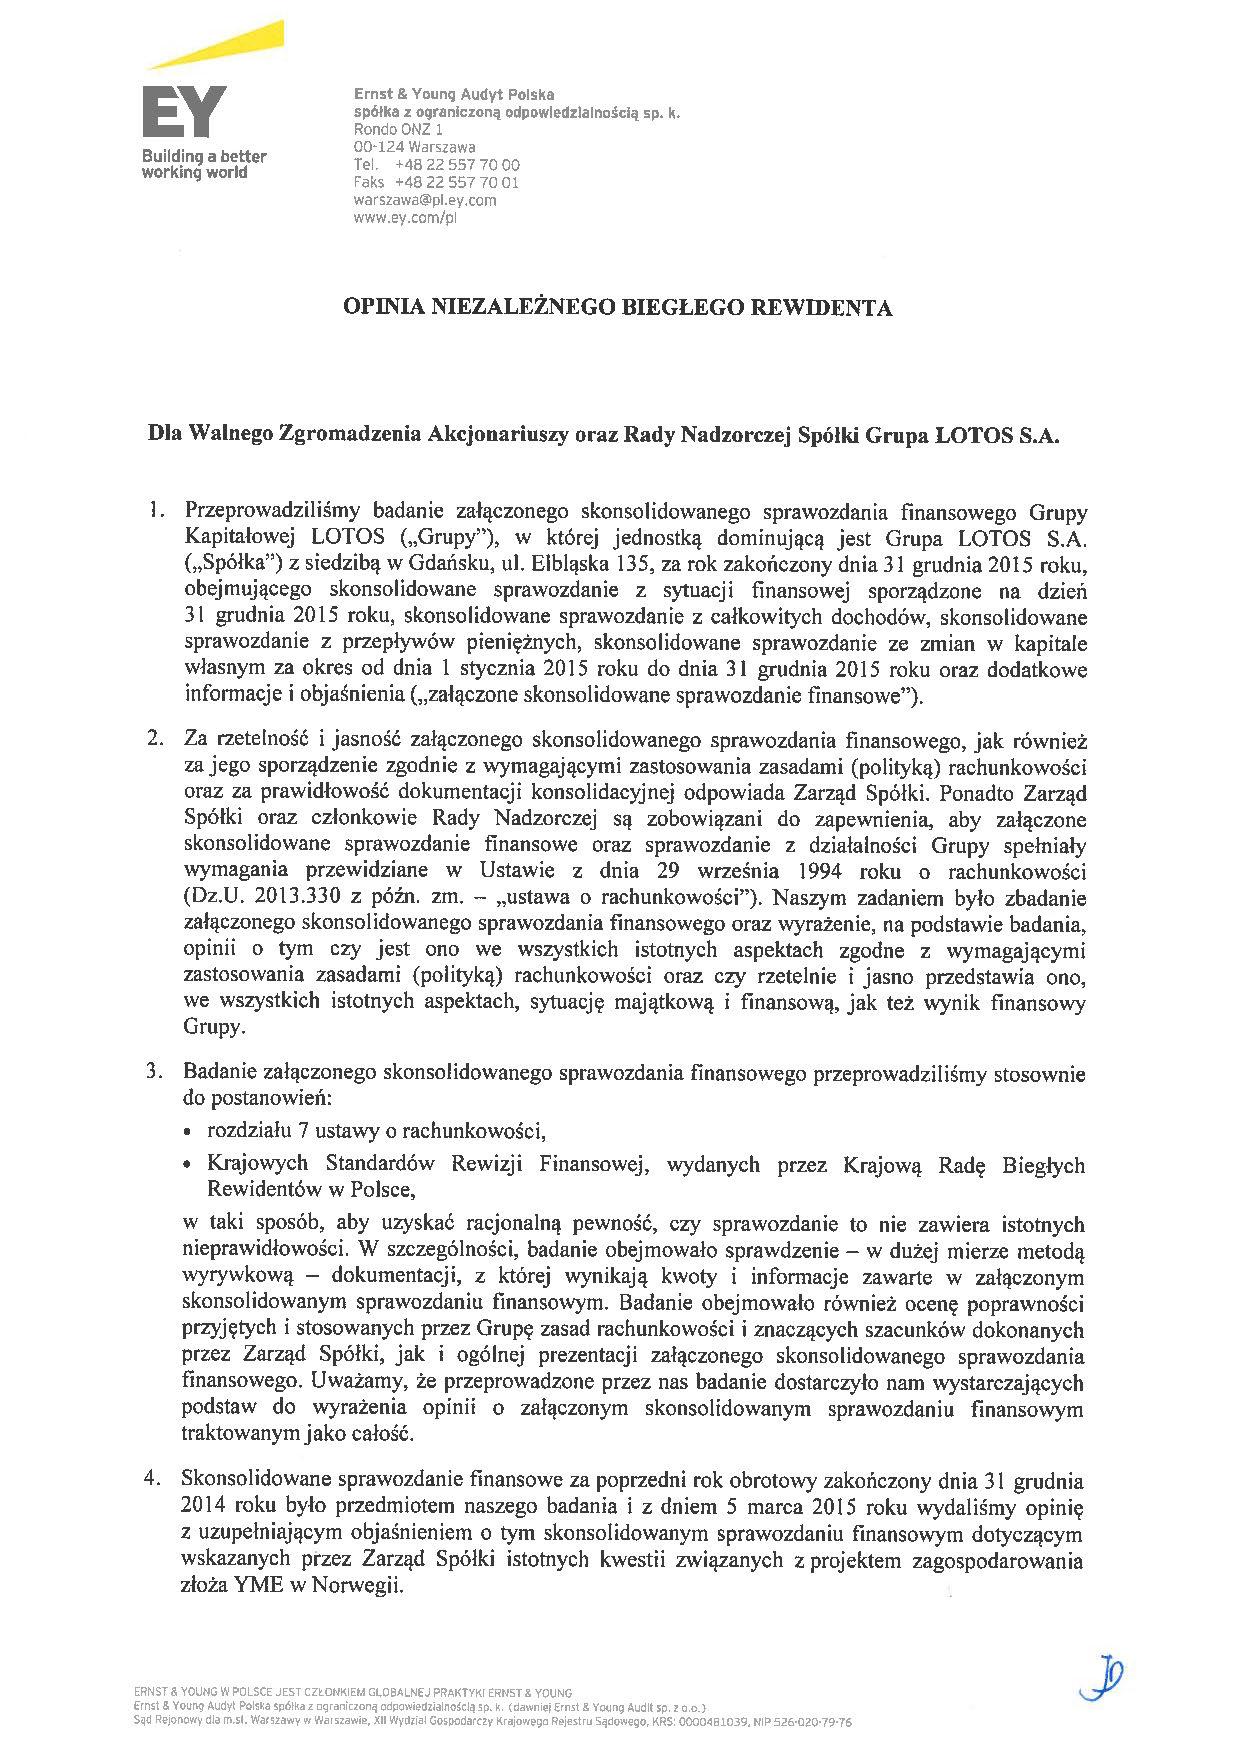 Grupa Kapitalowa LOTOS 2015 - Opinia z badania Skonsolidowanego Sprawozdania Finansowego strona 1